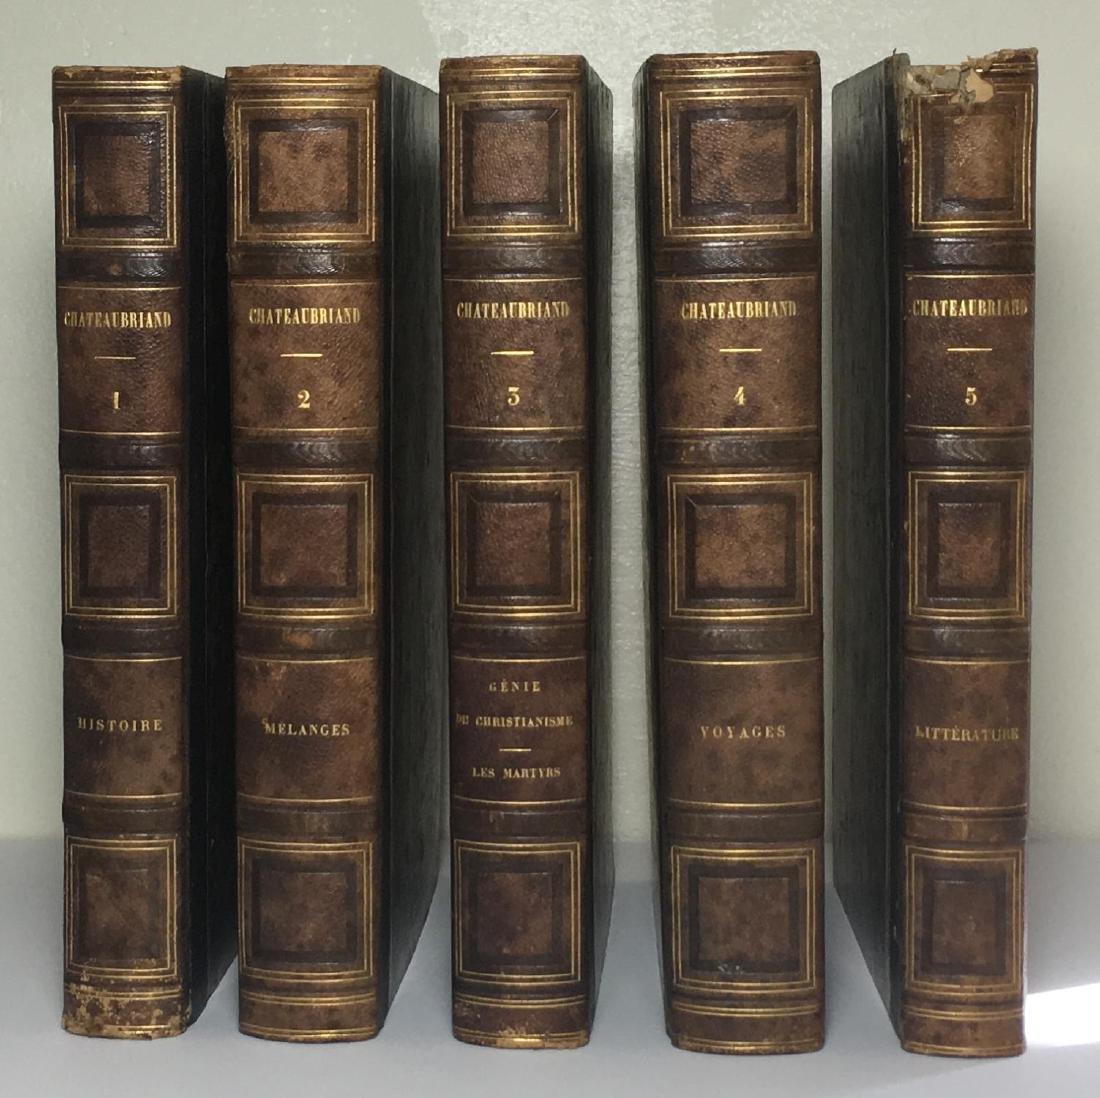 Oeuvres Complètes de M. Le Vicomte Chateaubriand 1843